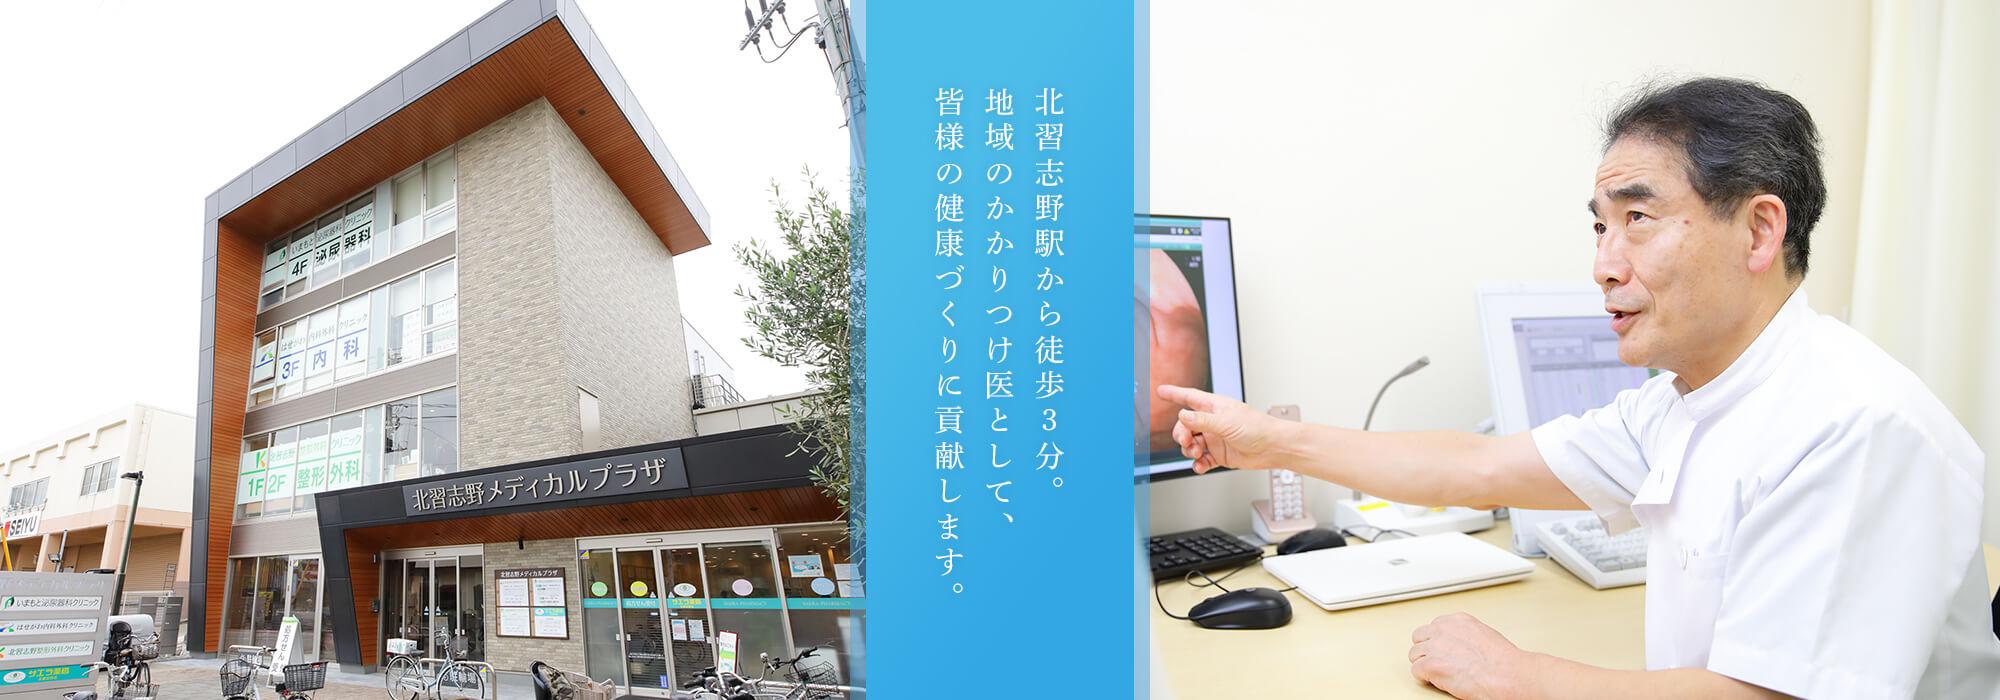 北習志野駅から徒歩3分。地域のかかりつけ医として、皆様の健康づくりに貢献します。